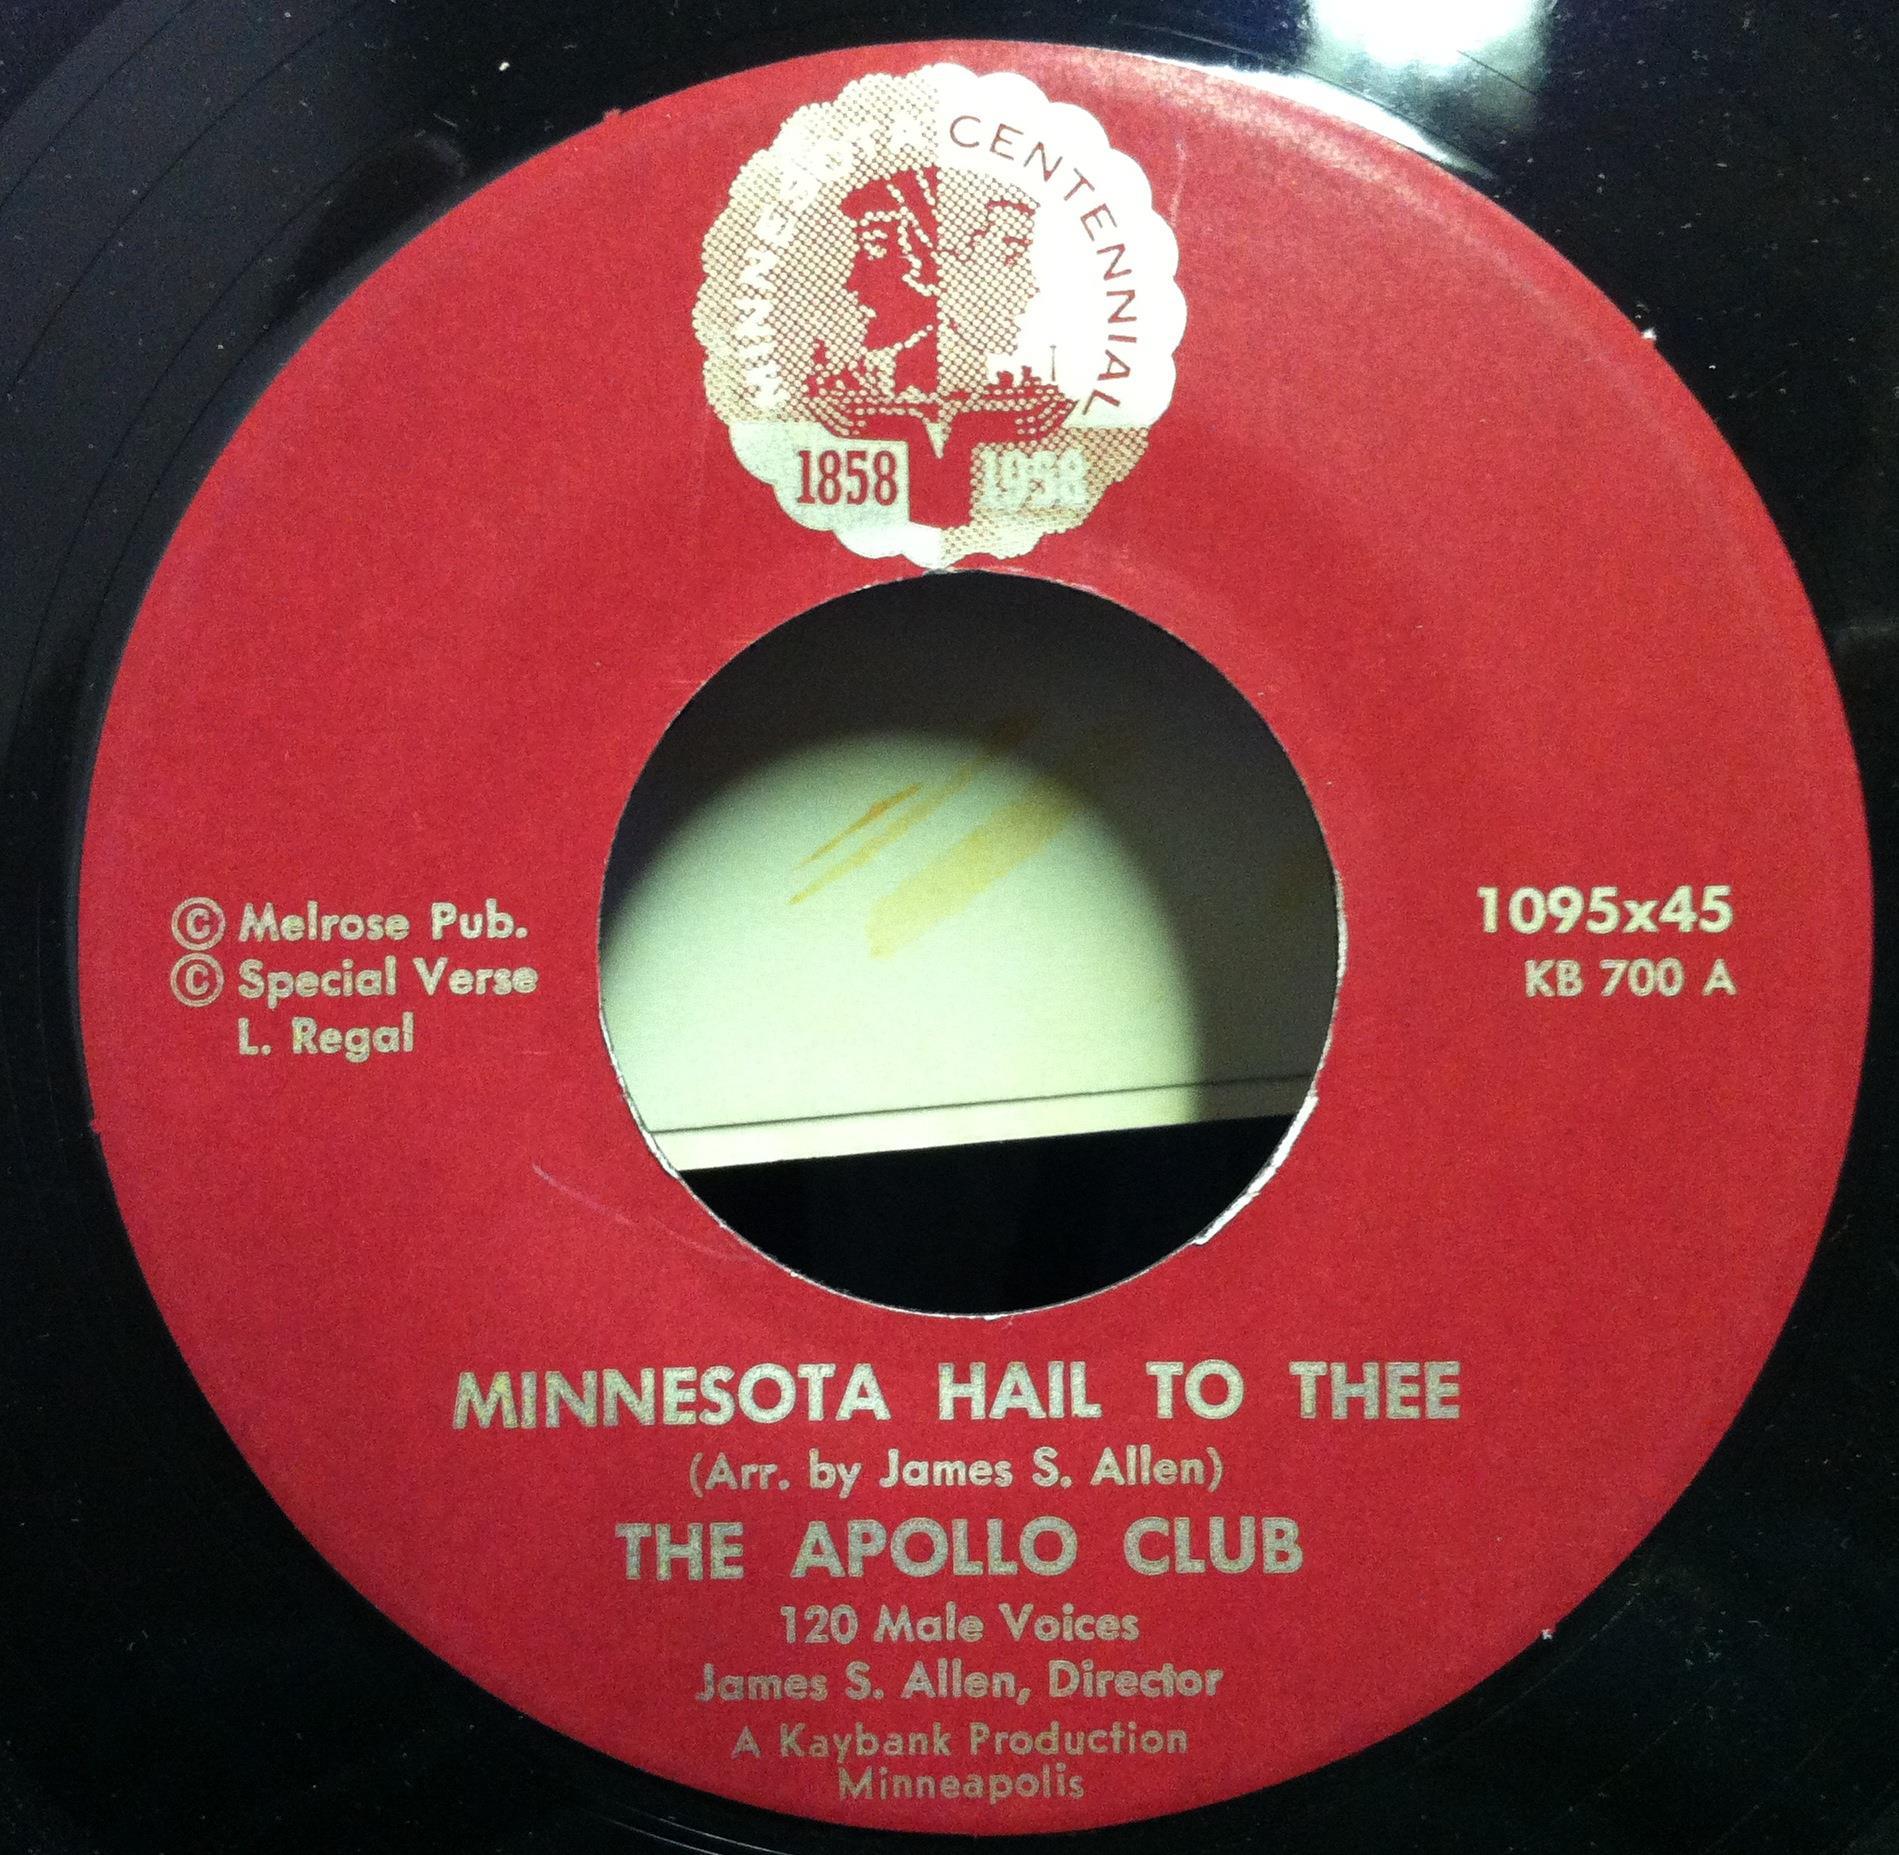 The Apollo Club Of Minneapolis Minnesota Hail To Thee 7